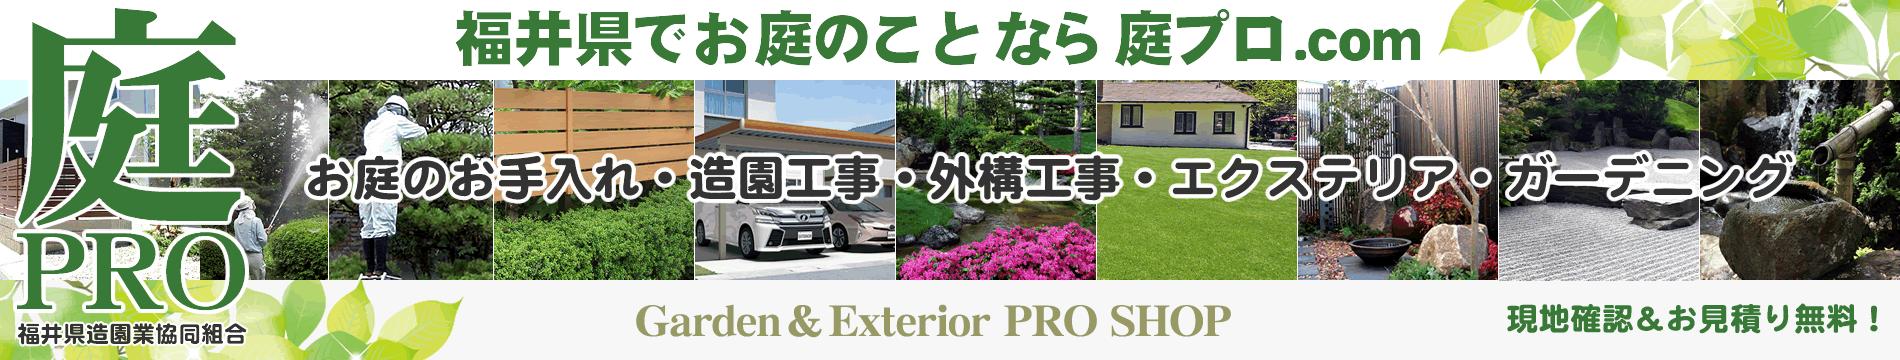 剪定・伐採、造園・庭工事、カーポート・フェンスなど、福井県で造園のことなら庭プロにお任せください。